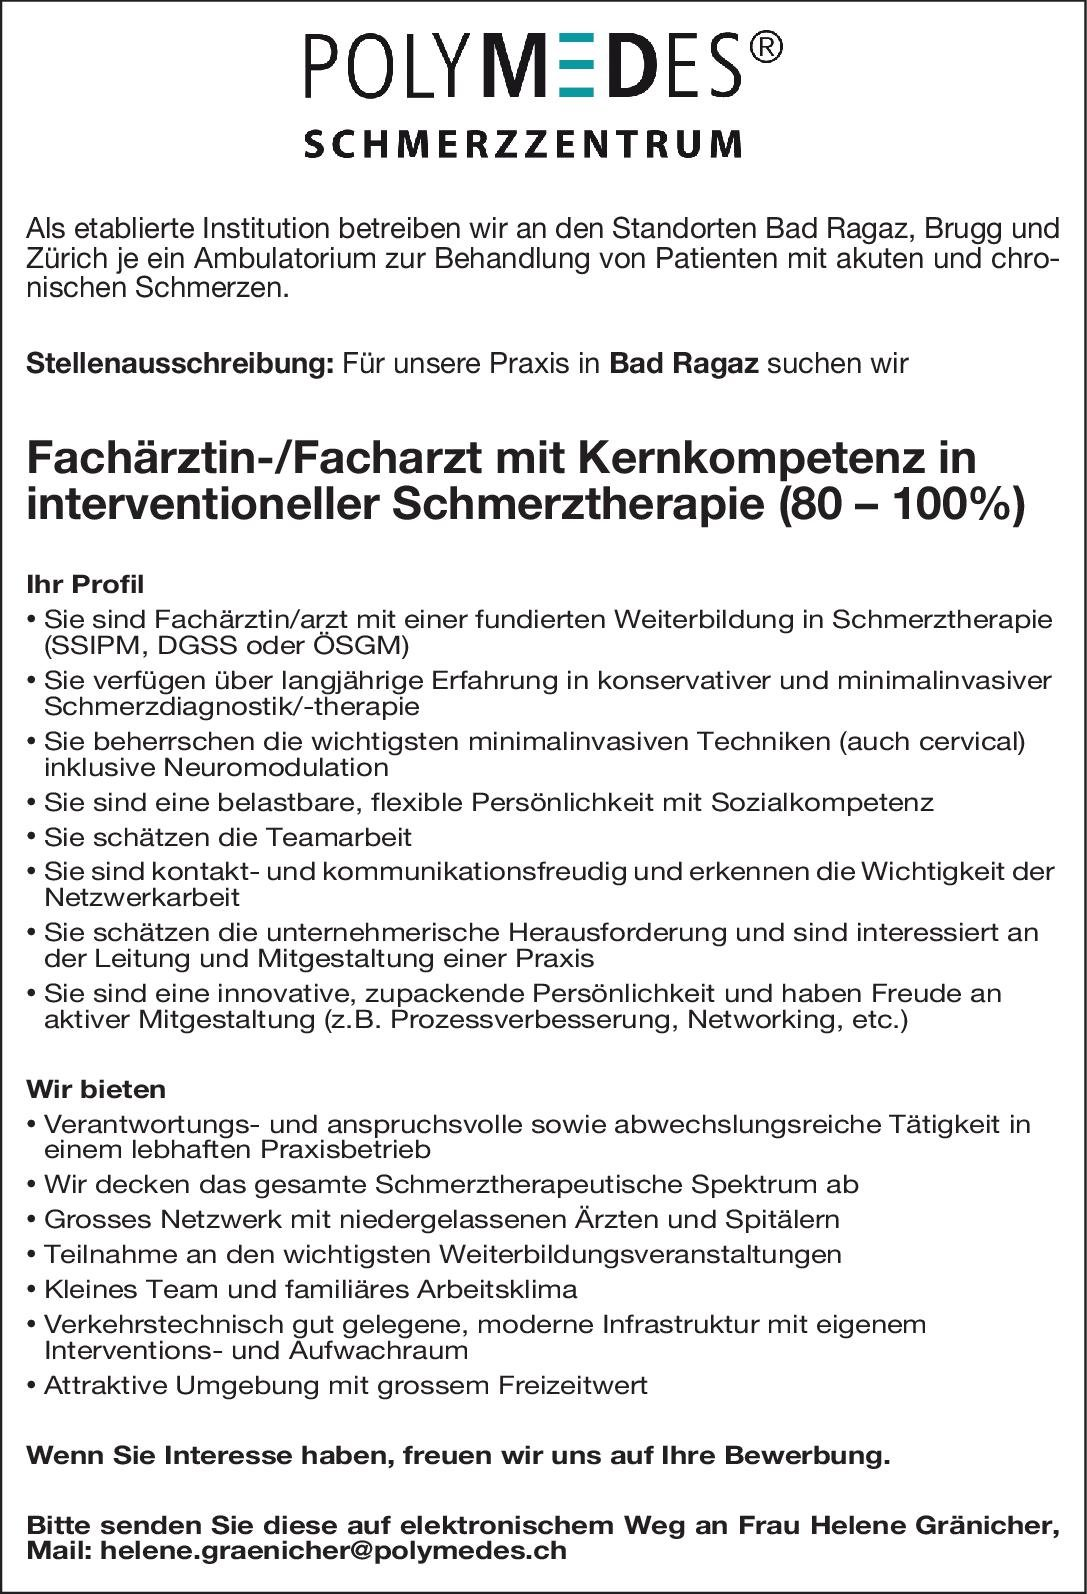 POLYMEDES Schmerzzentrum AG Fachärztin-/Facharzt mit Kernkompetenz in interventioneller Schmerztherapie (80 – 100%) Anästhesiologie / Intensivmedizin Arzt / Facharzt